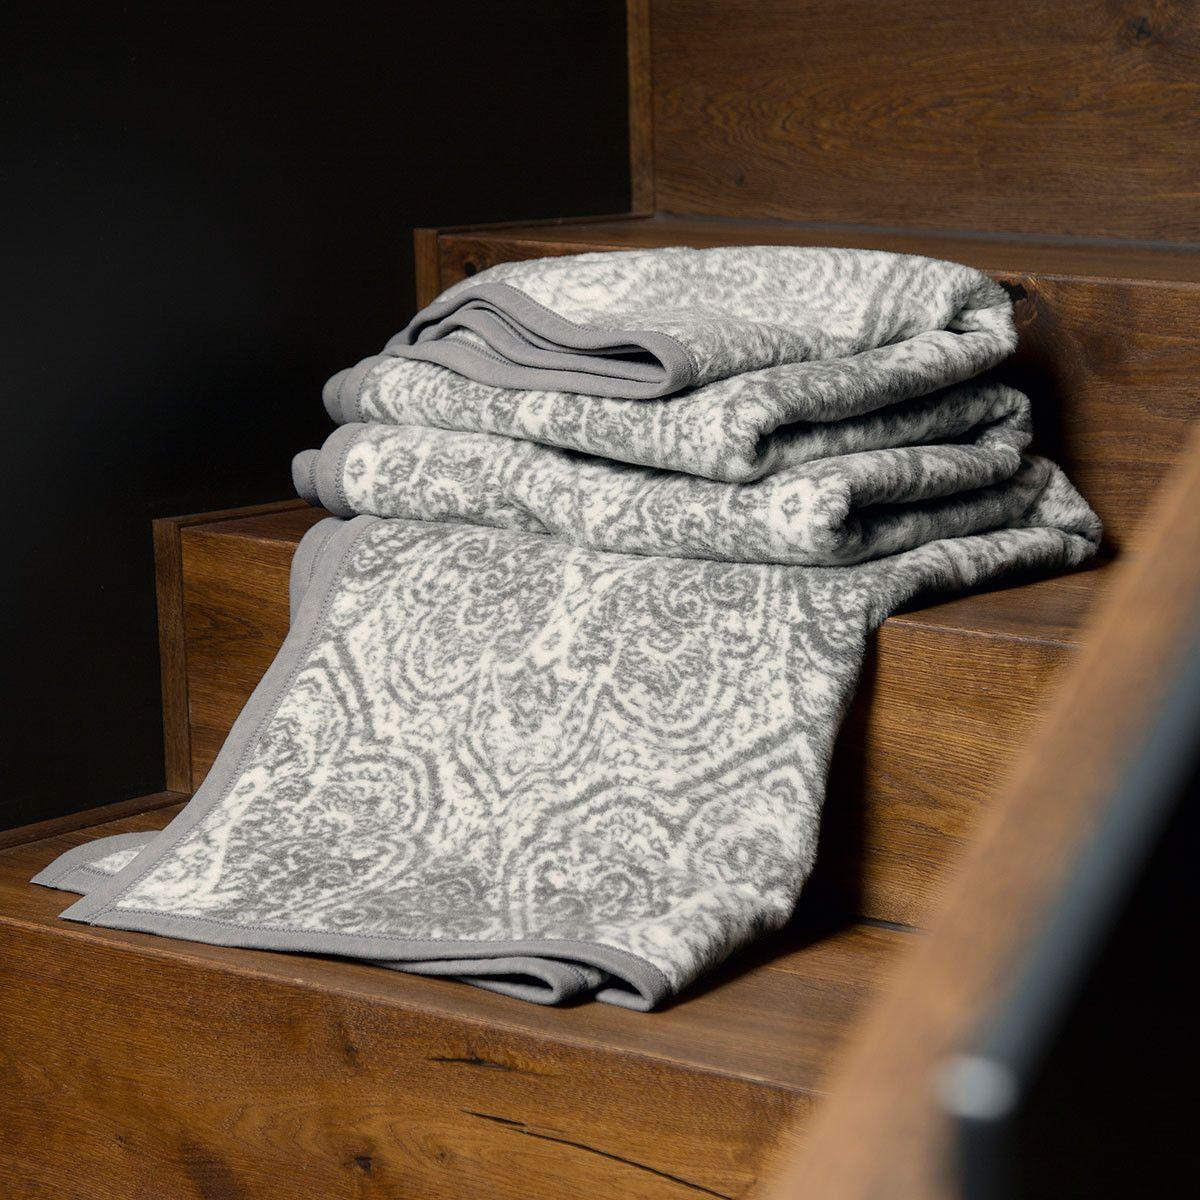 die besten 25 ibena wohndecke ideen auf pinterest ibena decke ottomane und braunes. Black Bedroom Furniture Sets. Home Design Ideas